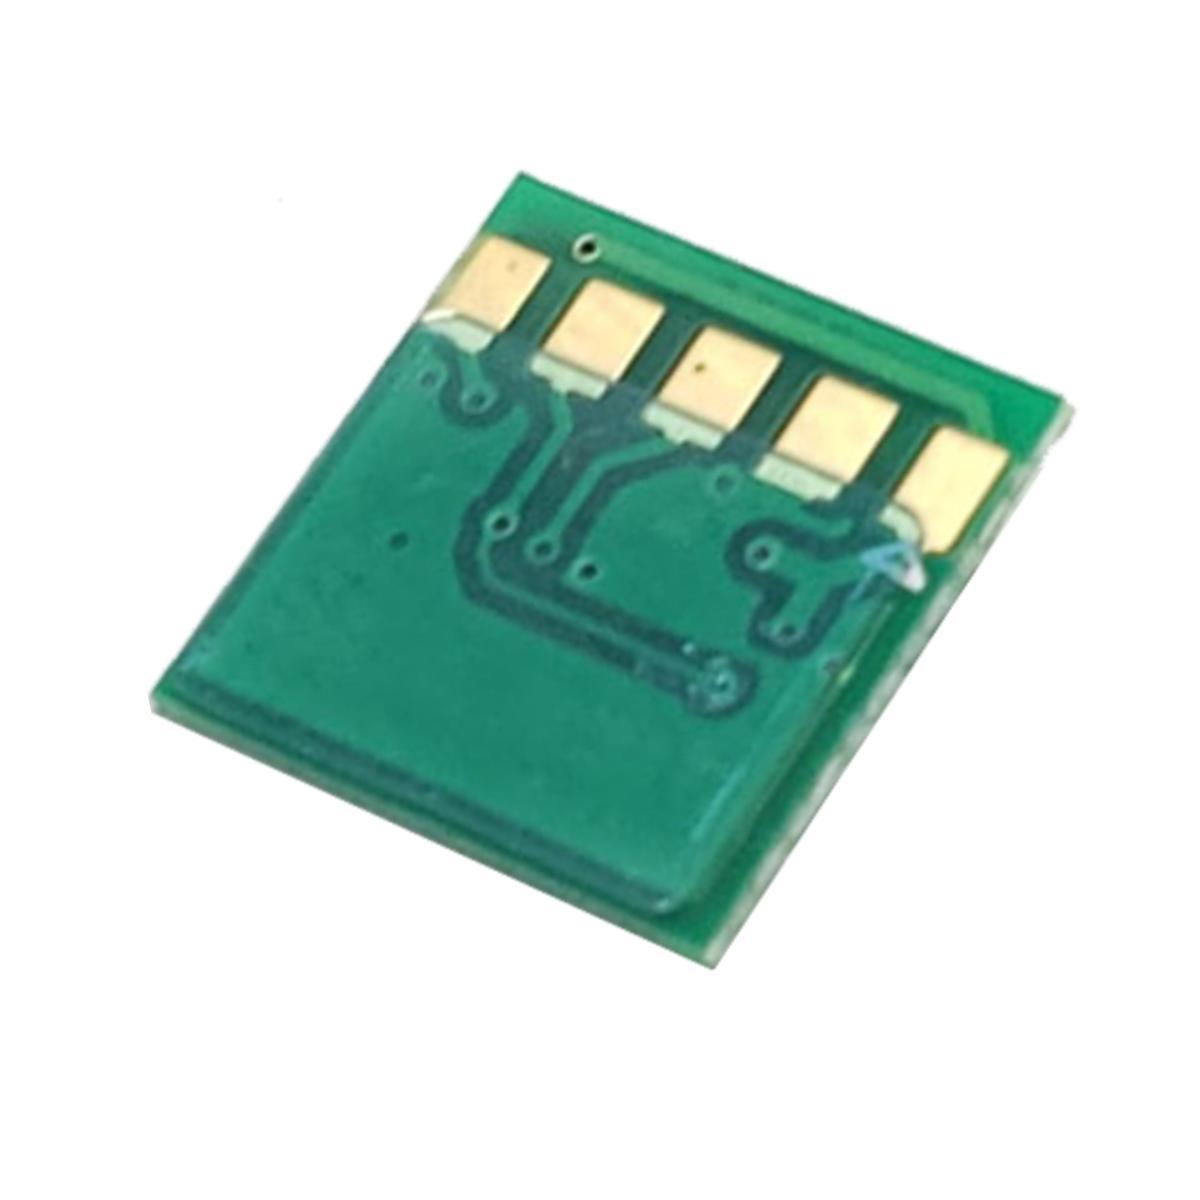 Chip Key para Ativação do Firmware Sem Chip HP 954 para HP PRO 7720, 7740, 8210, 8710 e 8720